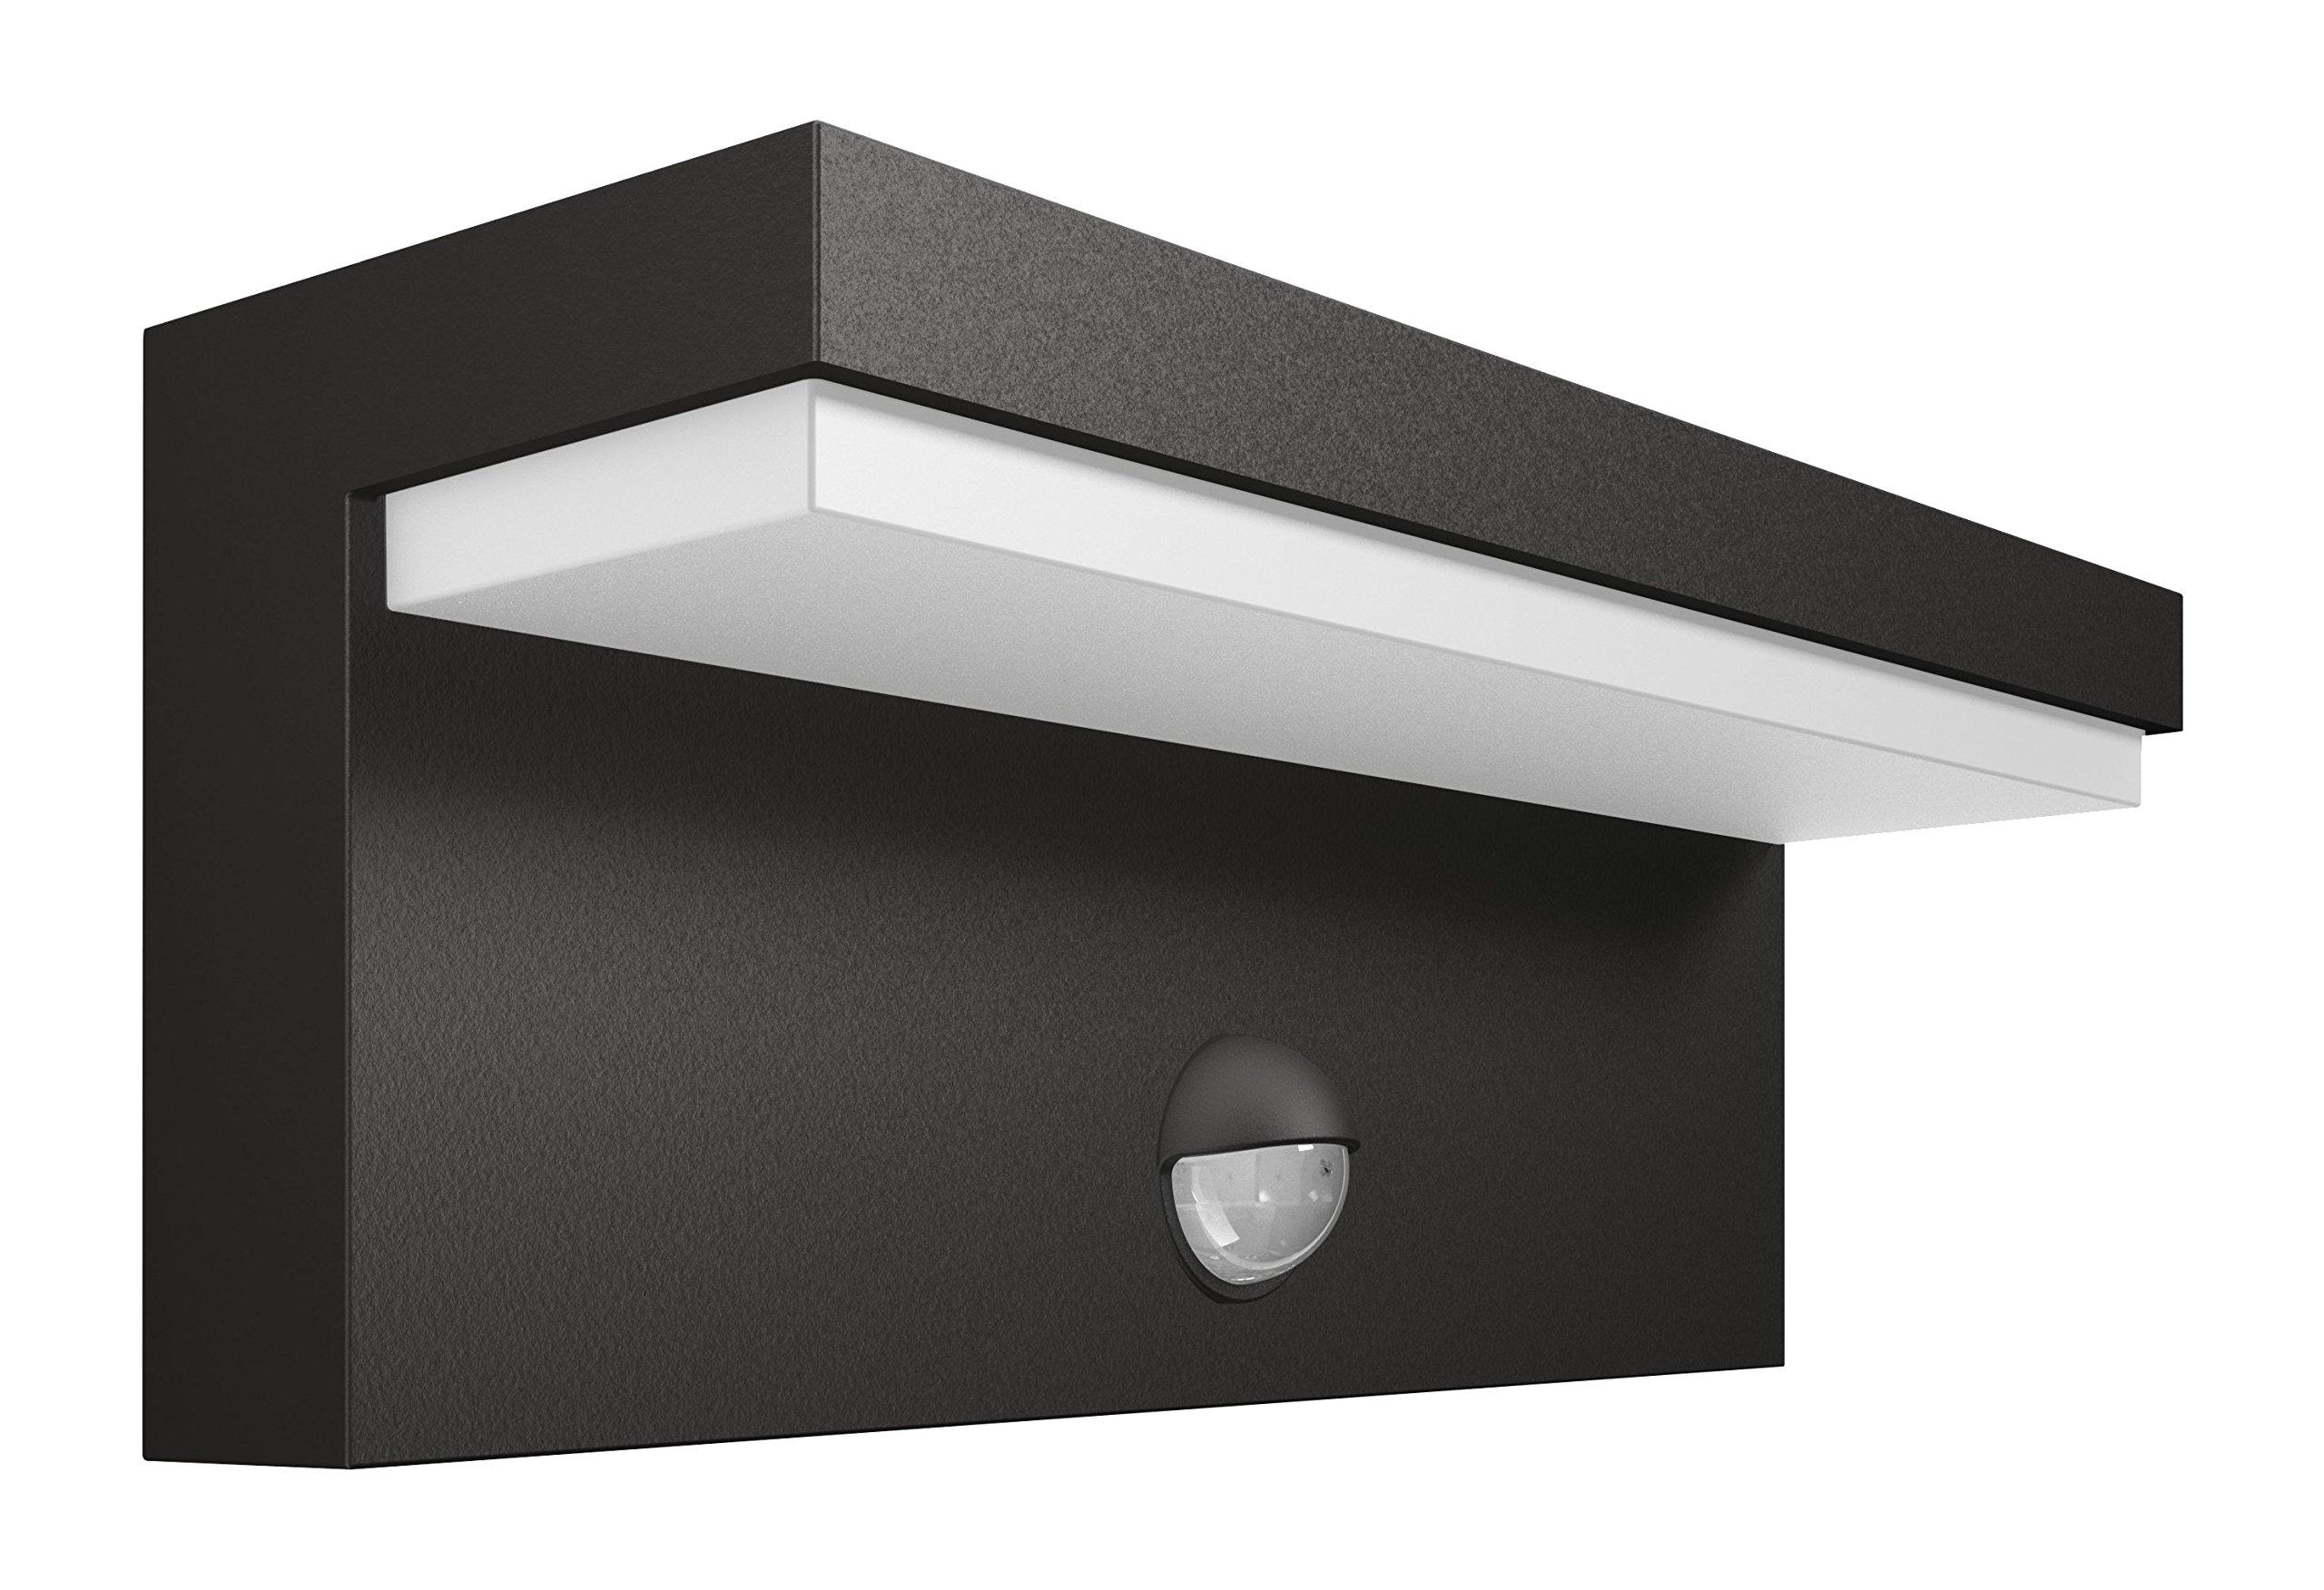 Plafoniere Da Esterno Con Sensore Di Movimento : Philips bustan lampada da parete esterno led con sensore di